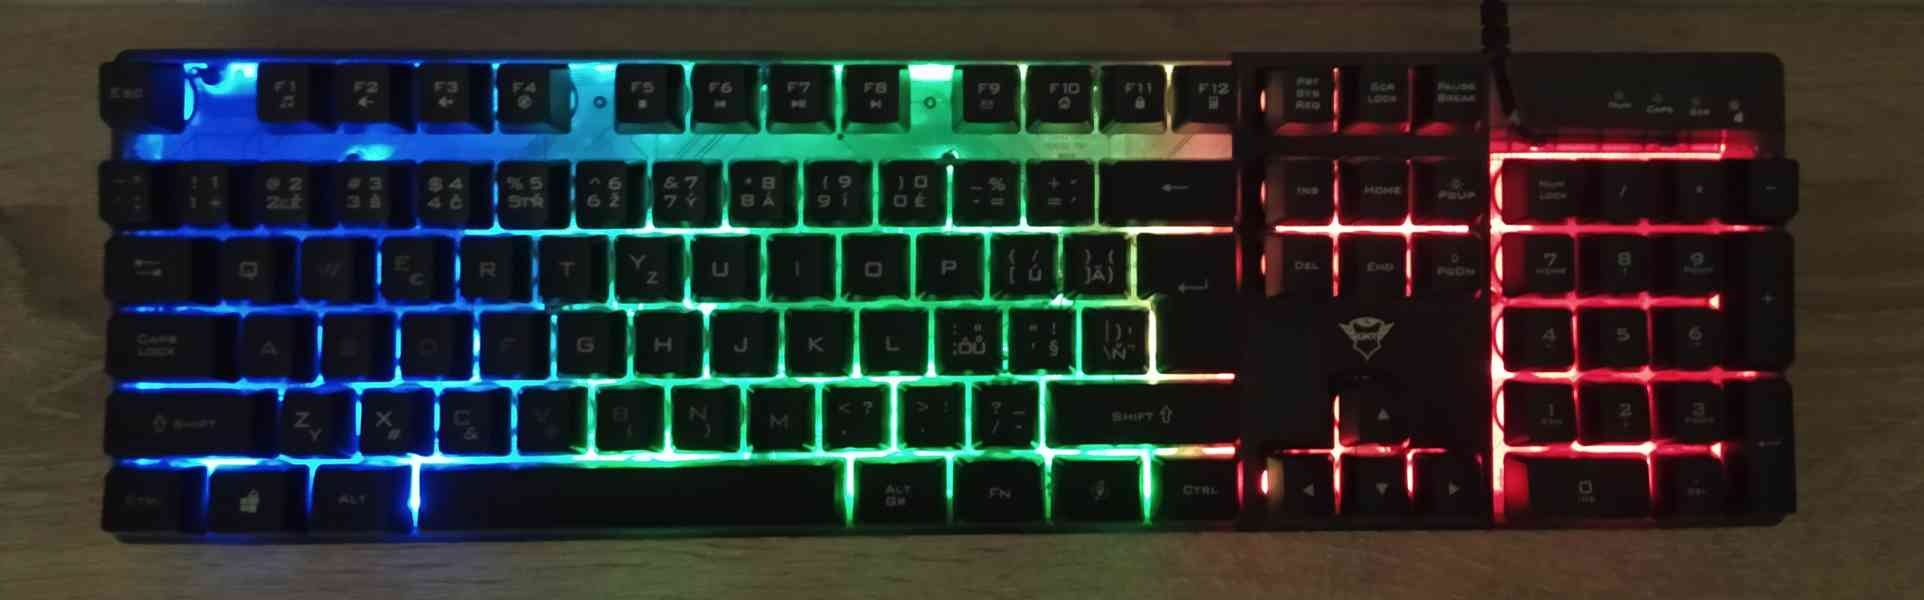 Herní klávesnice - foto 1